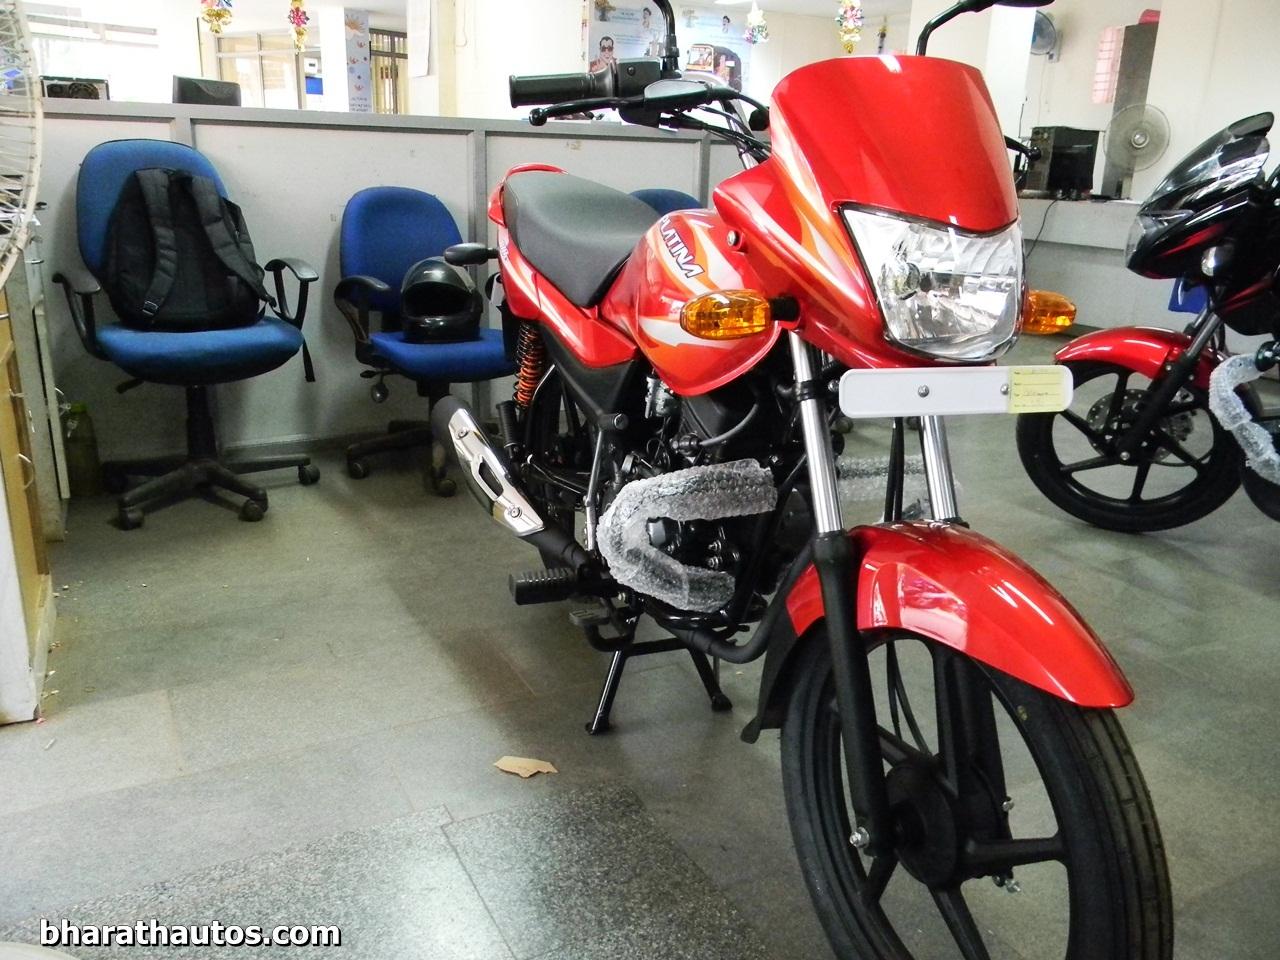 Bajaj-platina-motorcycle-5